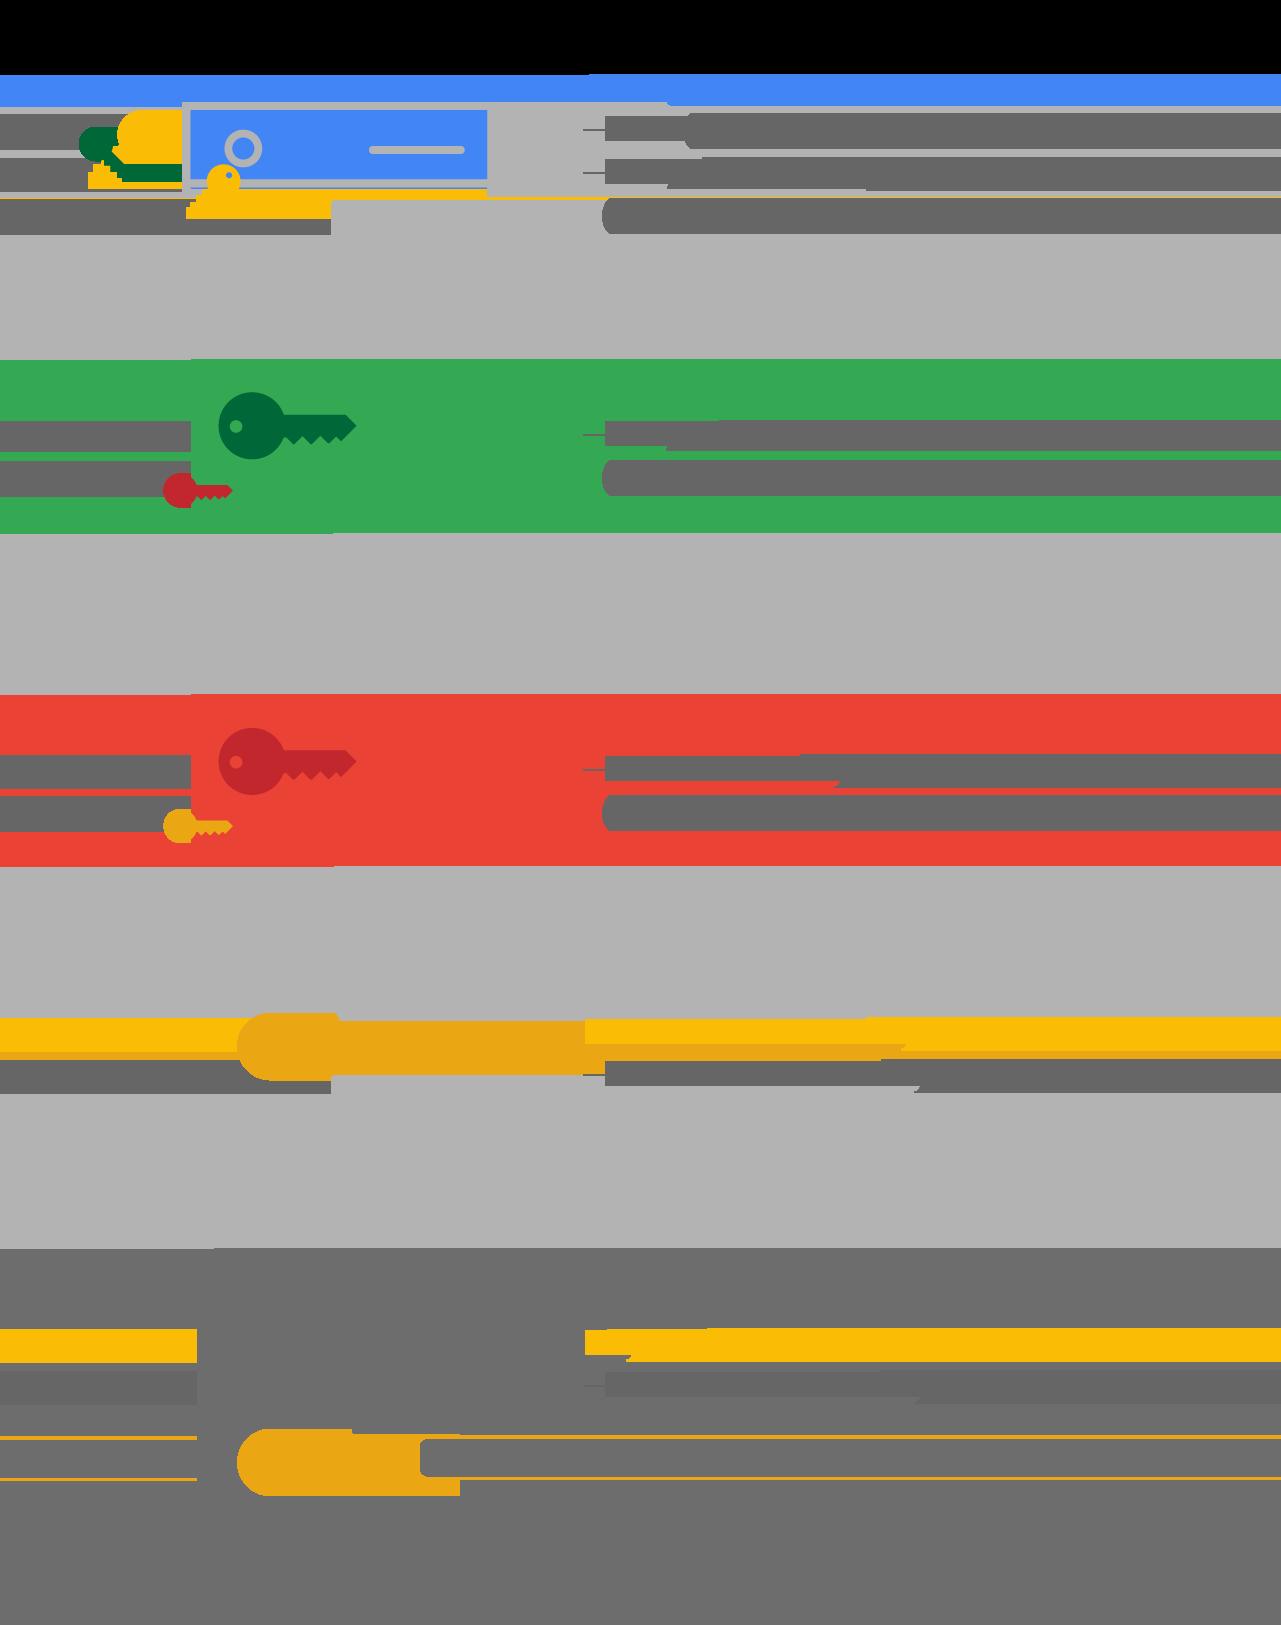 Diagrama de la jerarquía de encriptado de Google